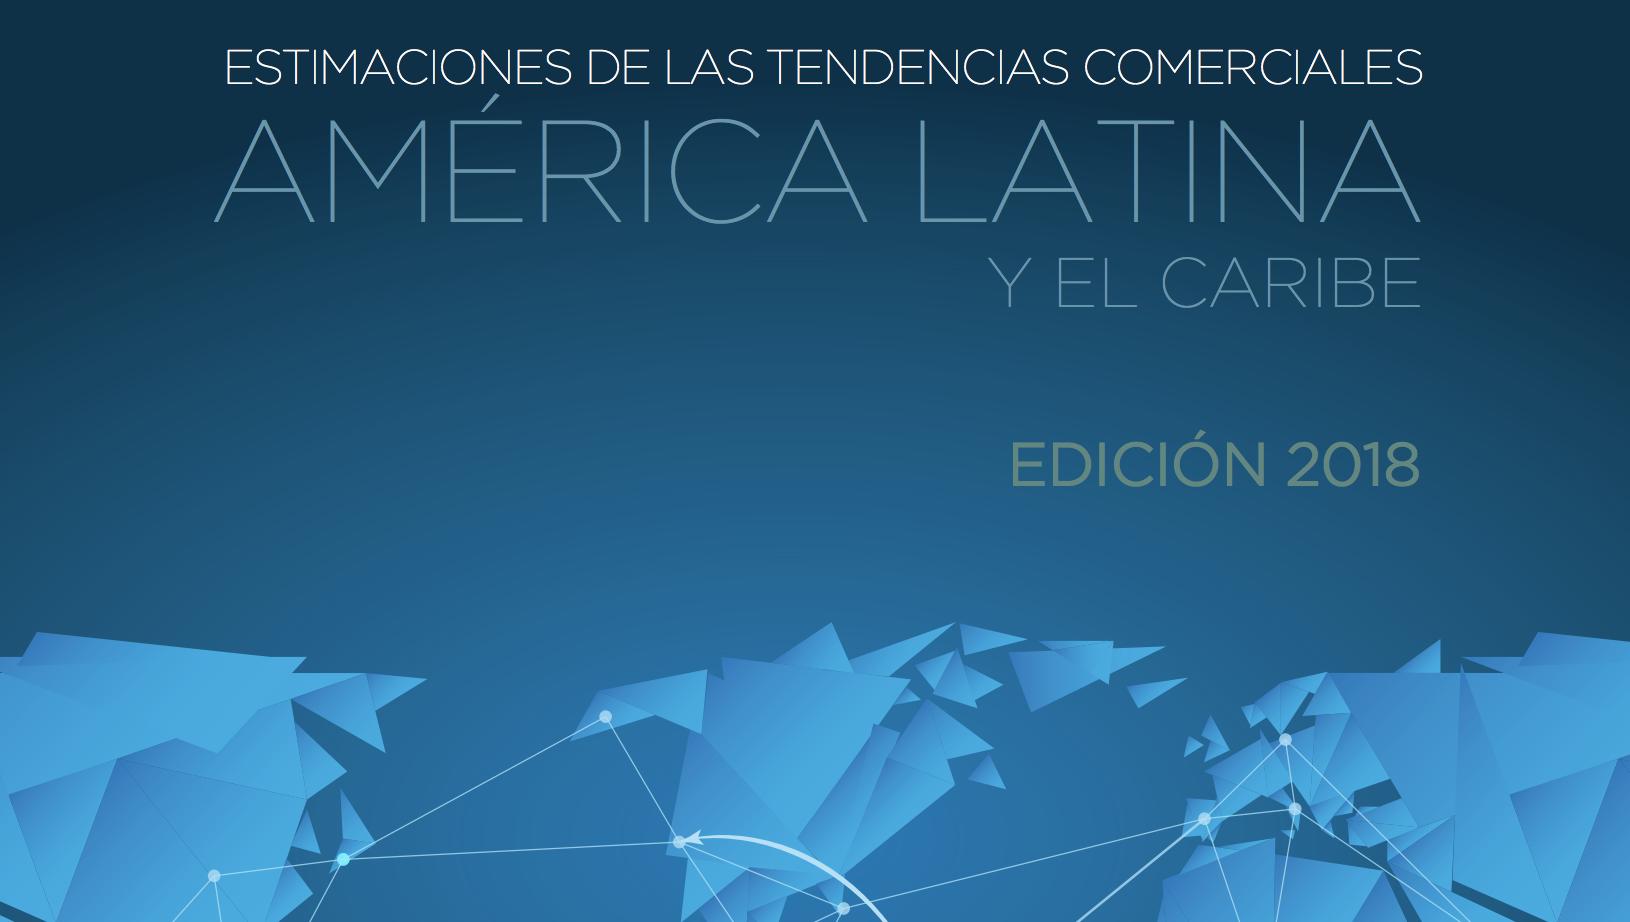 EN 2017 LAS EXPORTACIONES DE AMÉRICA LATINA HACIA CHINA AUMENTARON 30 POR CIENTO